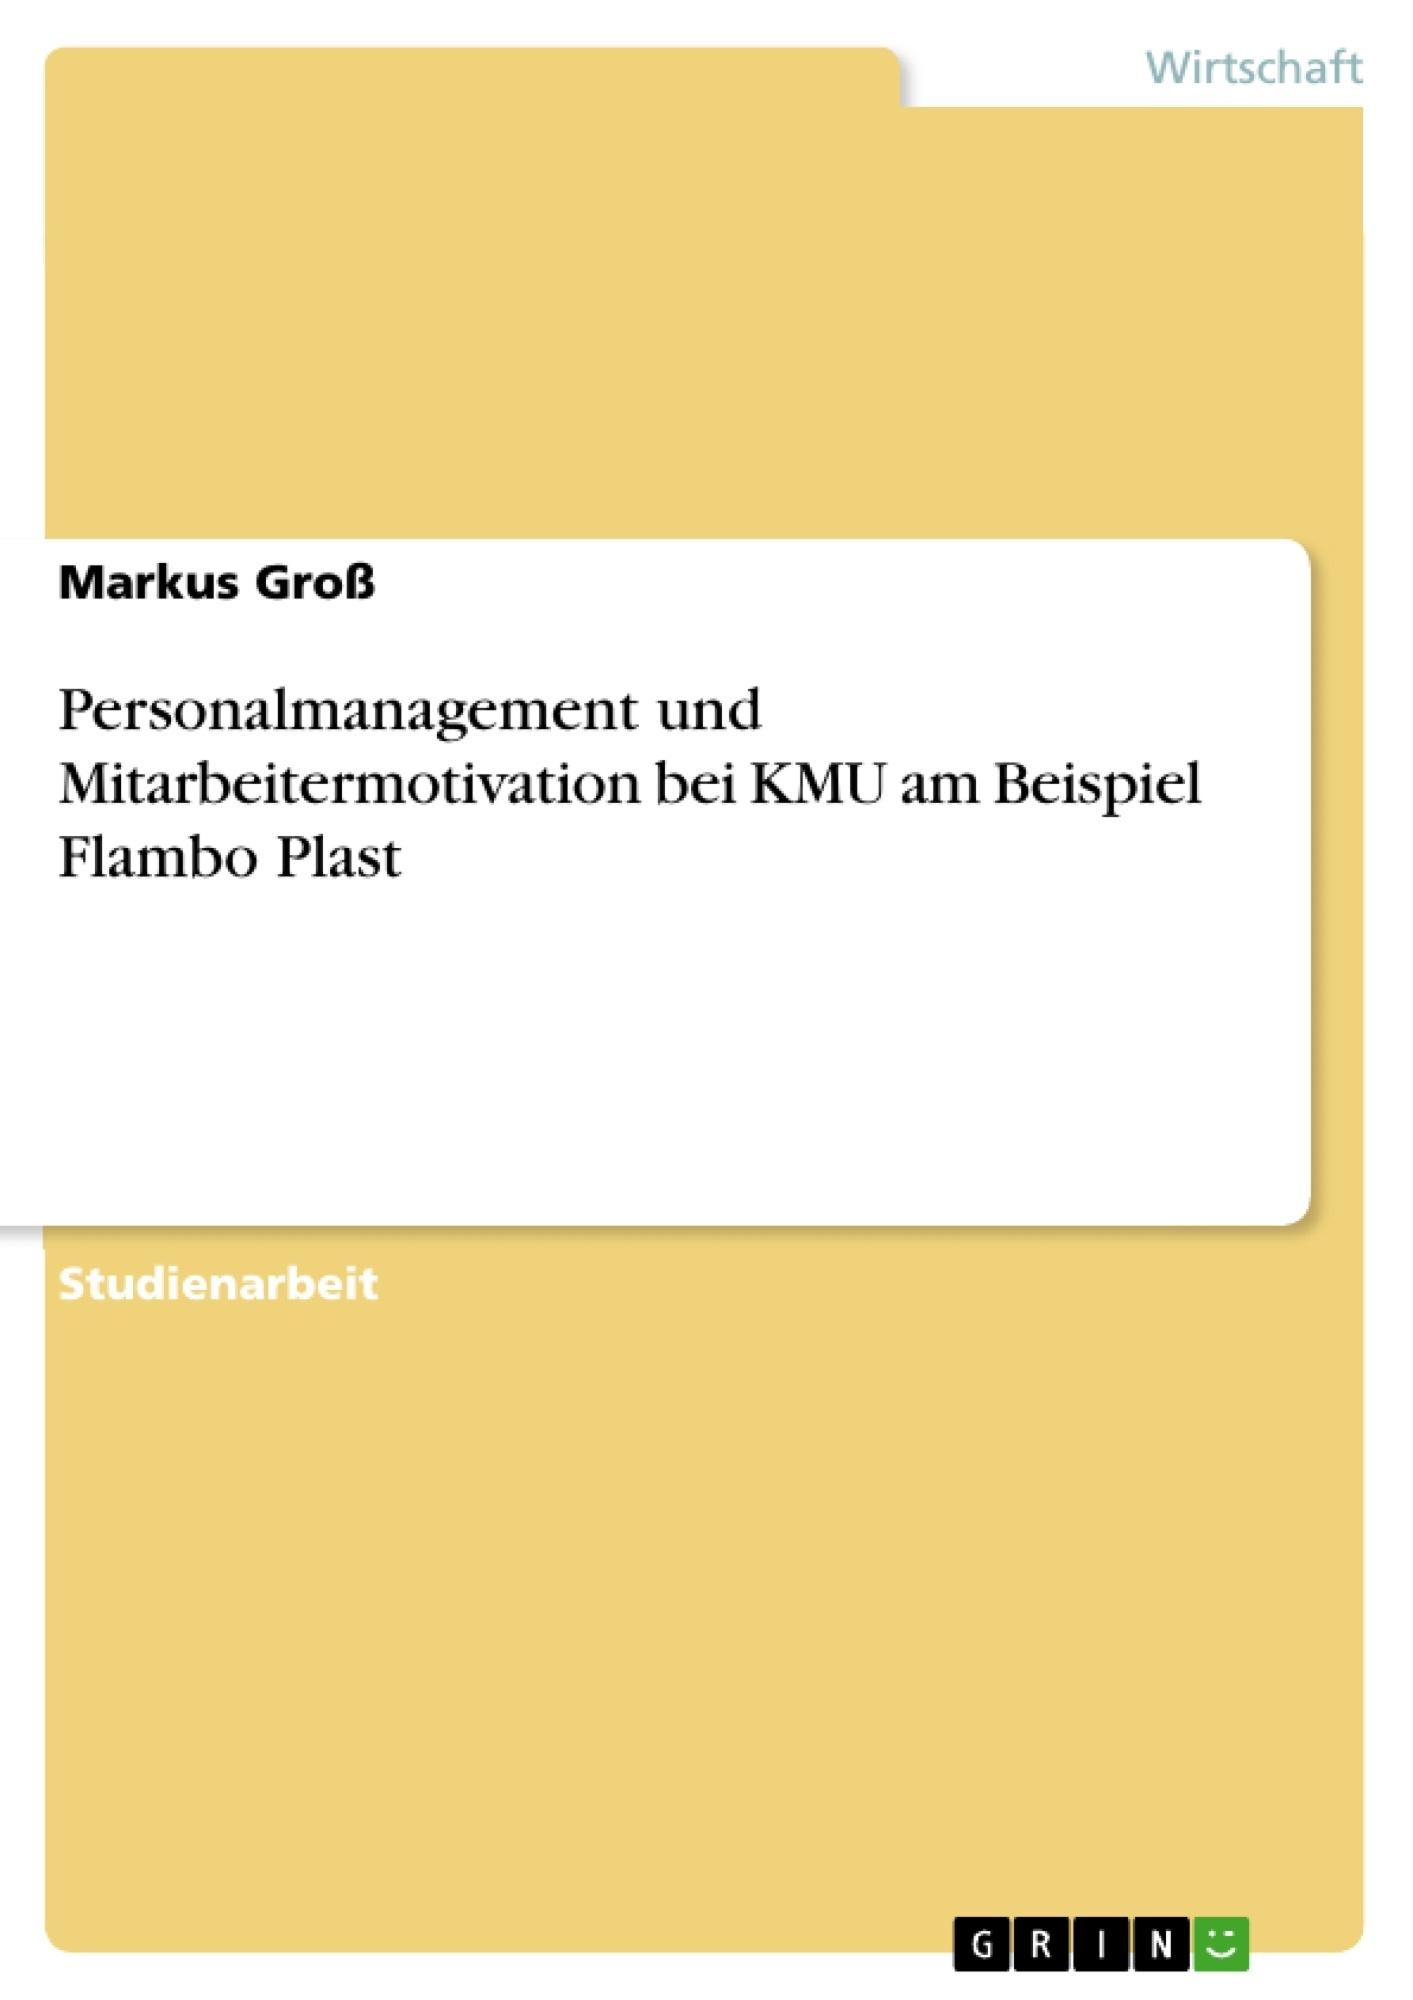 Titel: Personalmanagement und Mitarbeitermotivation bei KMU am Beispiel Flambo Plast